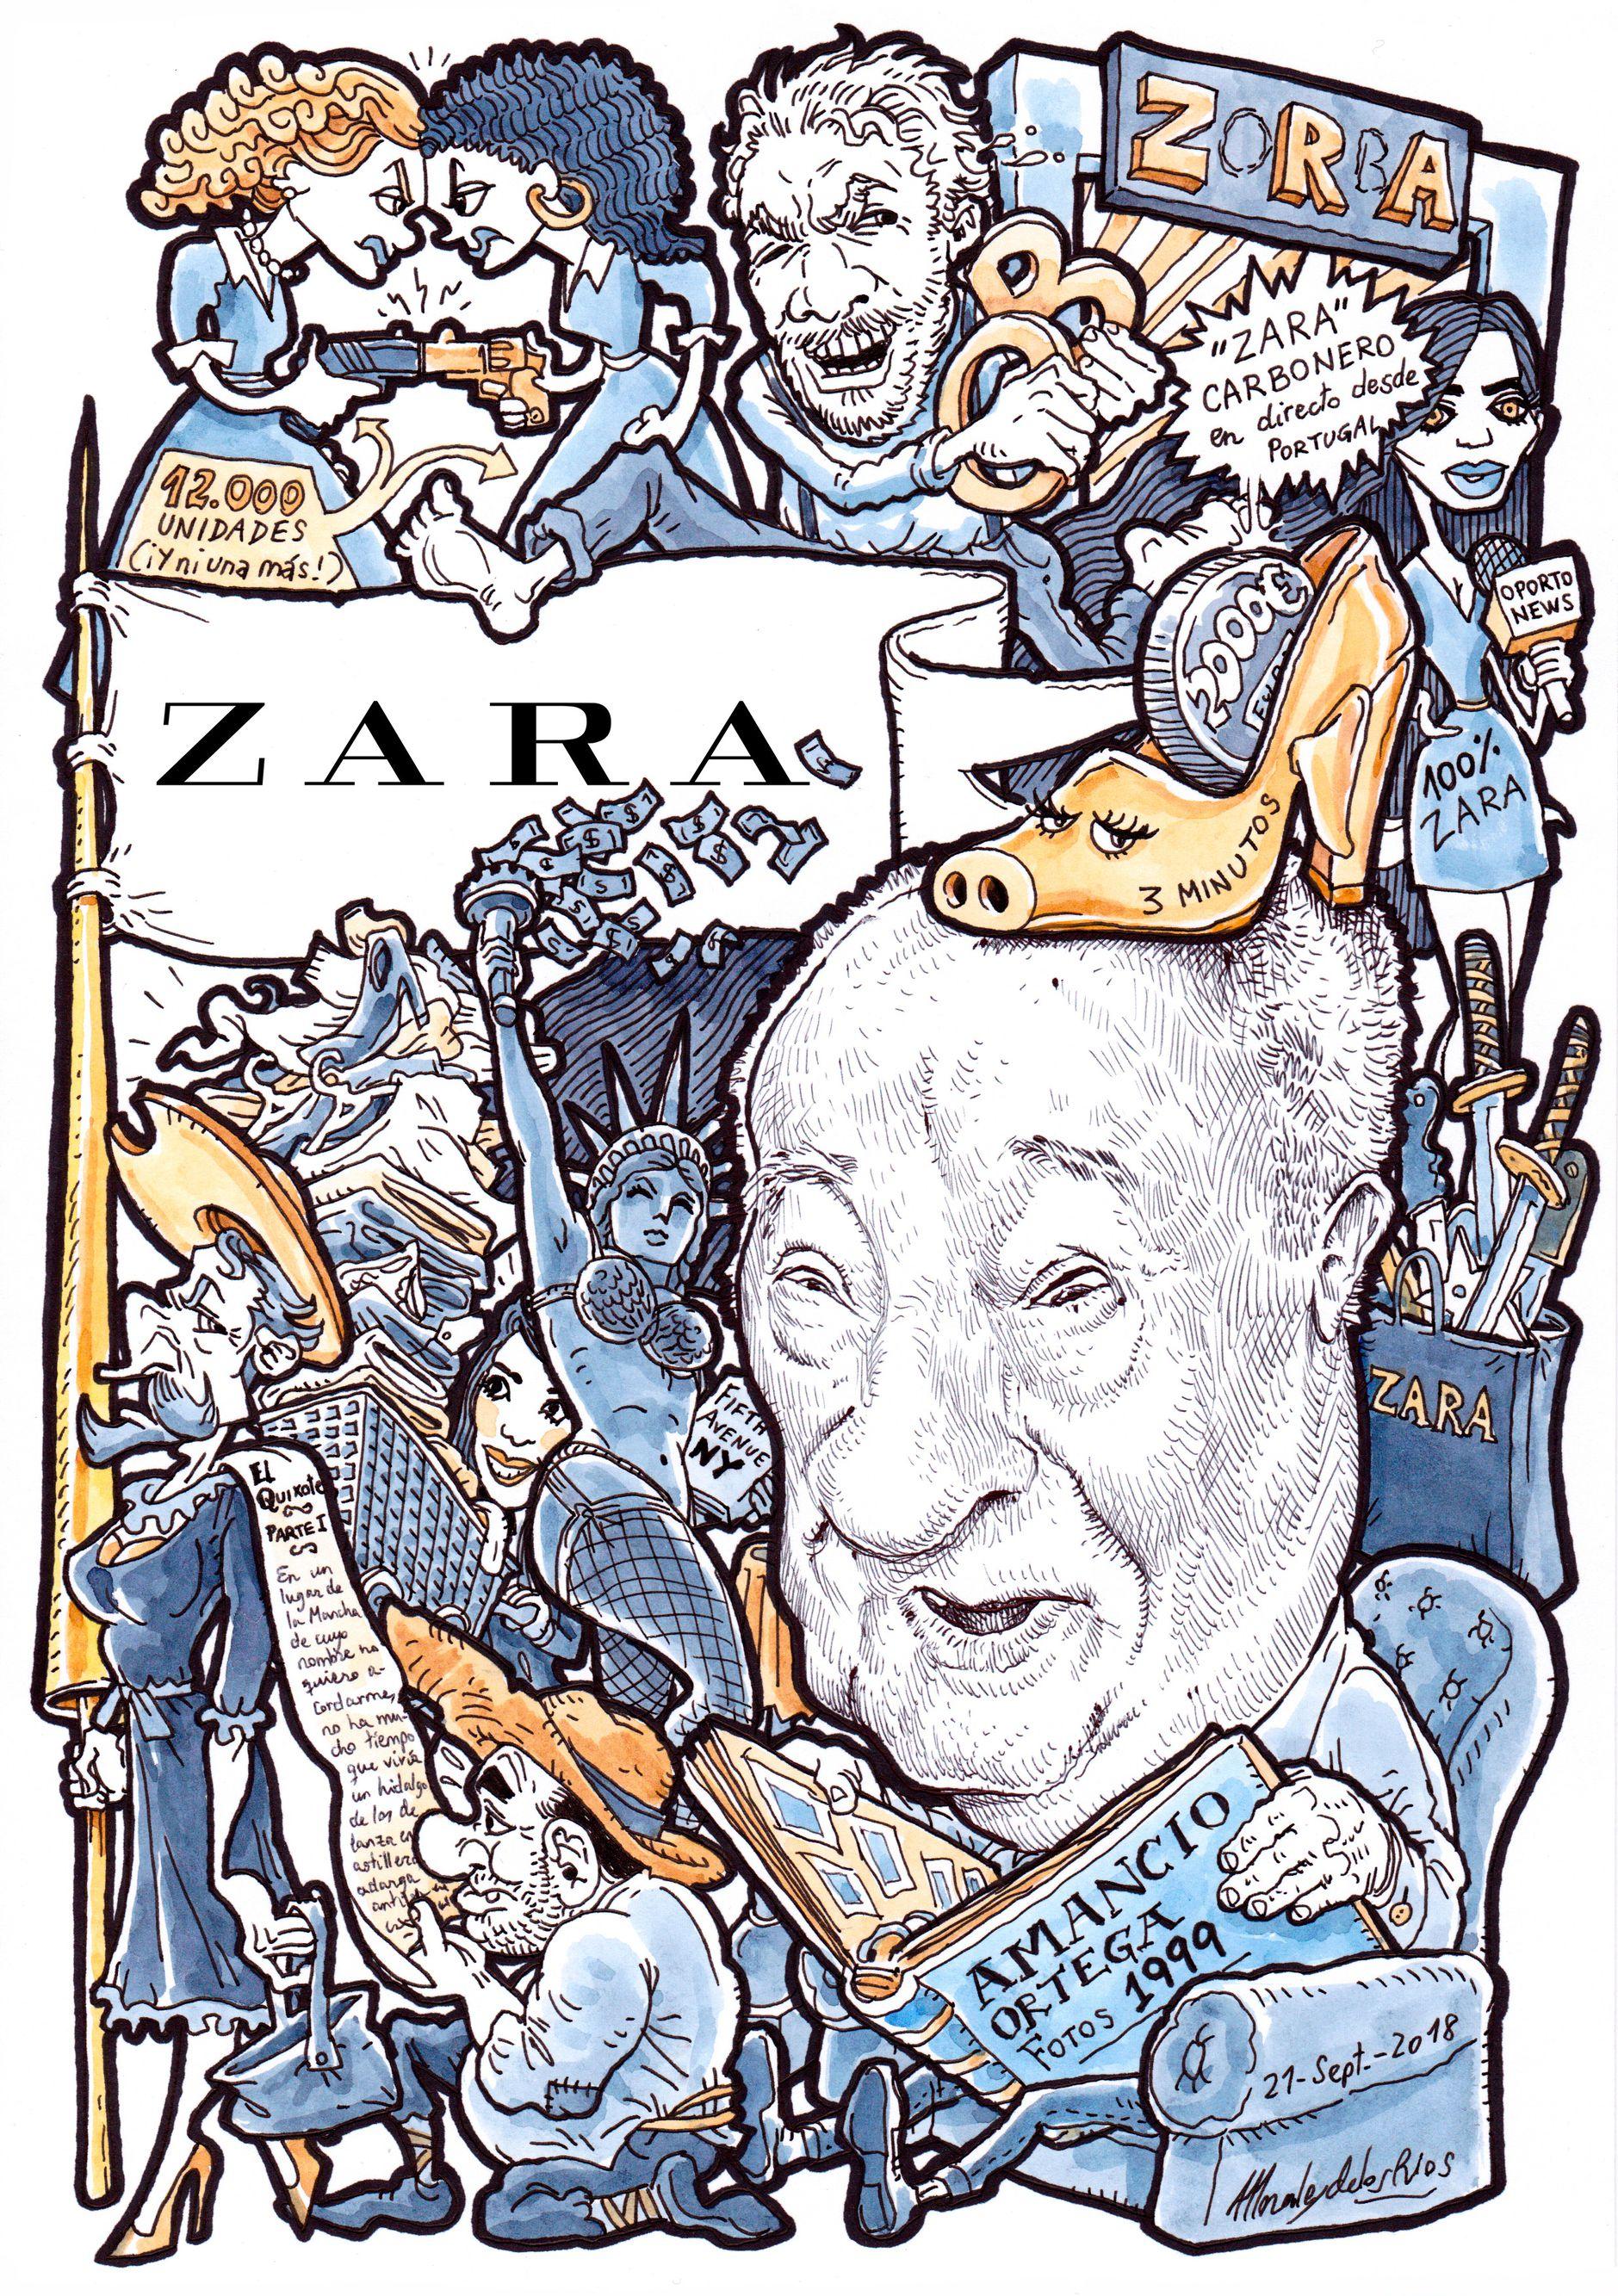 10 πράγματα που δεν γνώριζες για τα Zara